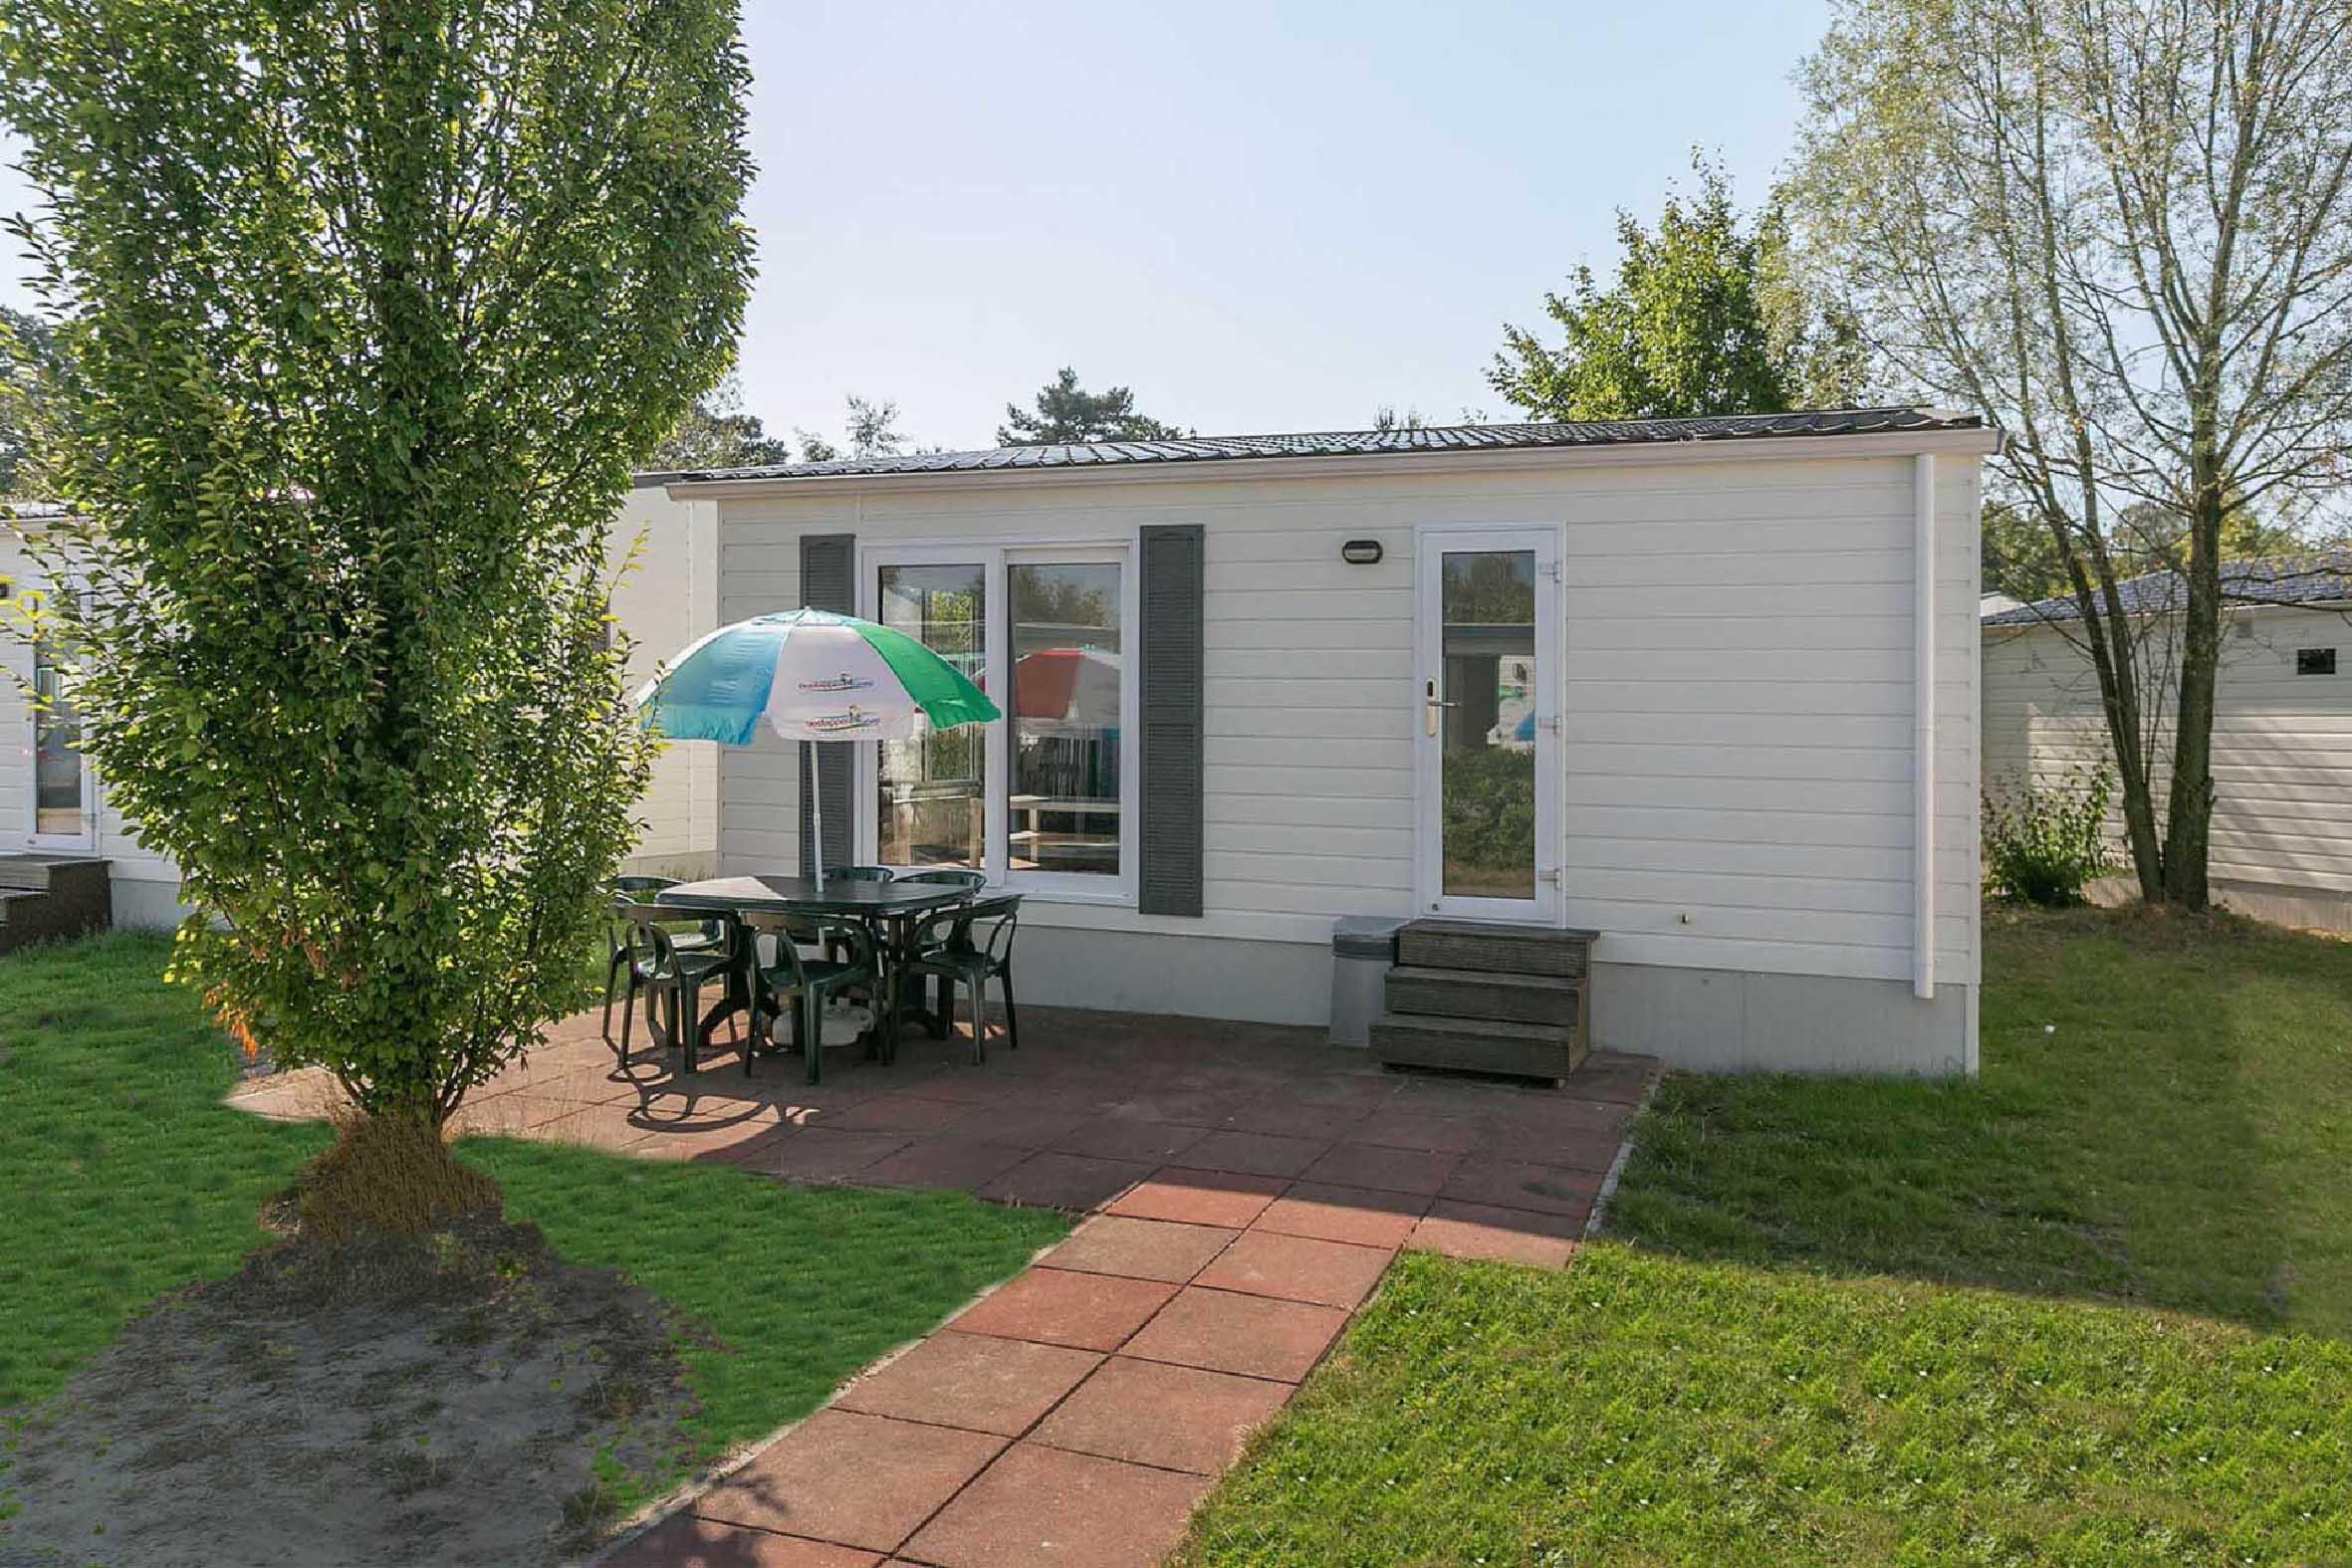 Vakantiehuis Prinsenmeer in Asten-Ommel, Nederland NL5724.300.18 ...